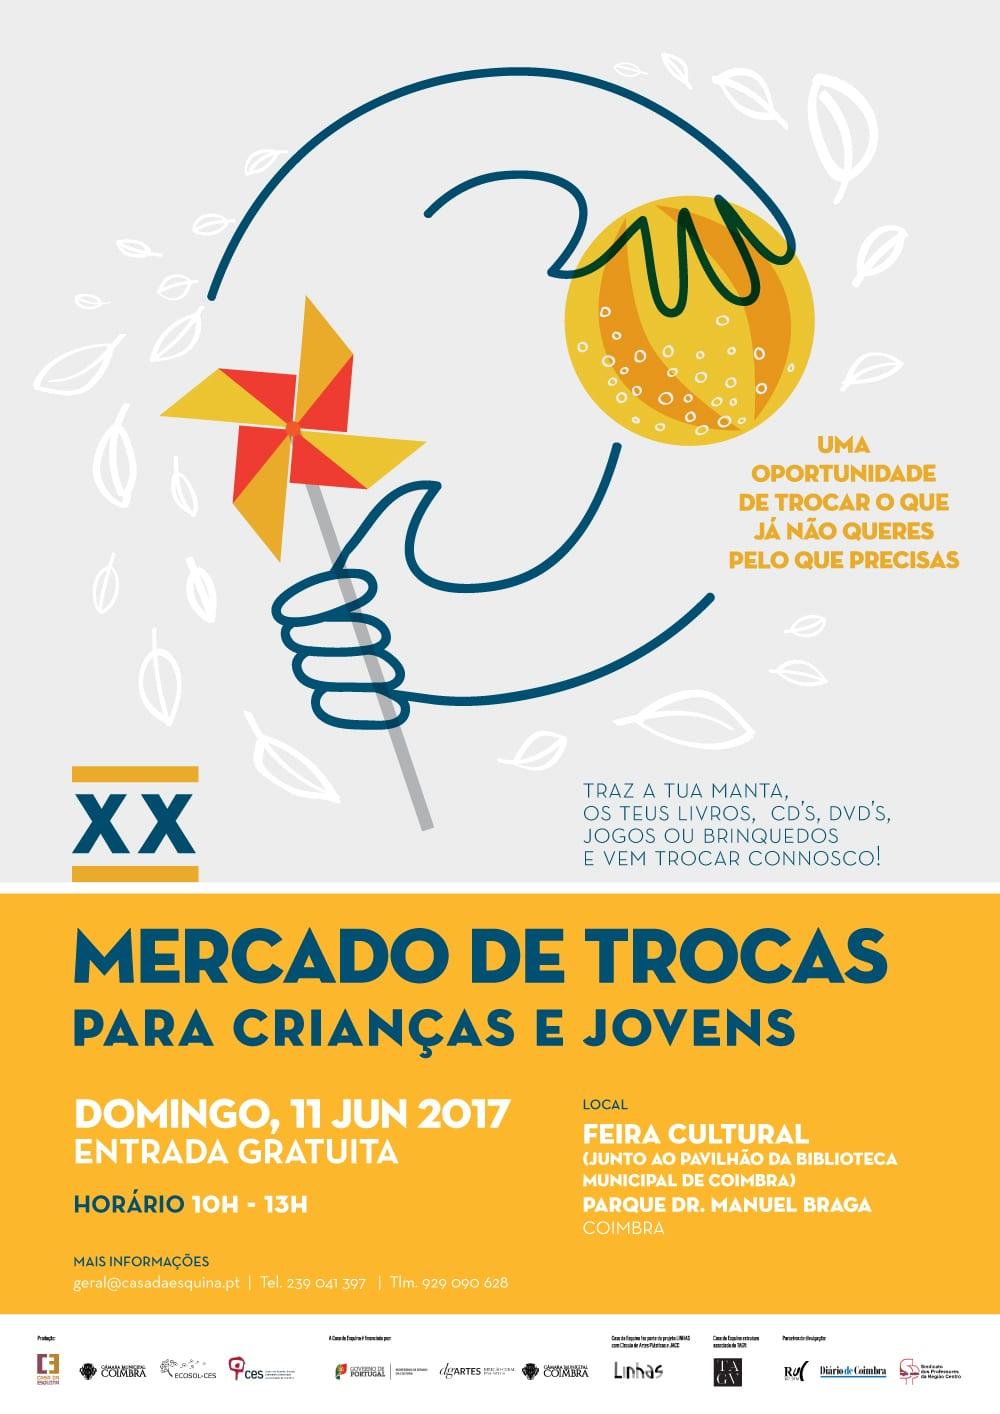 XX Mercado de Trocas para Crianças e Jovens